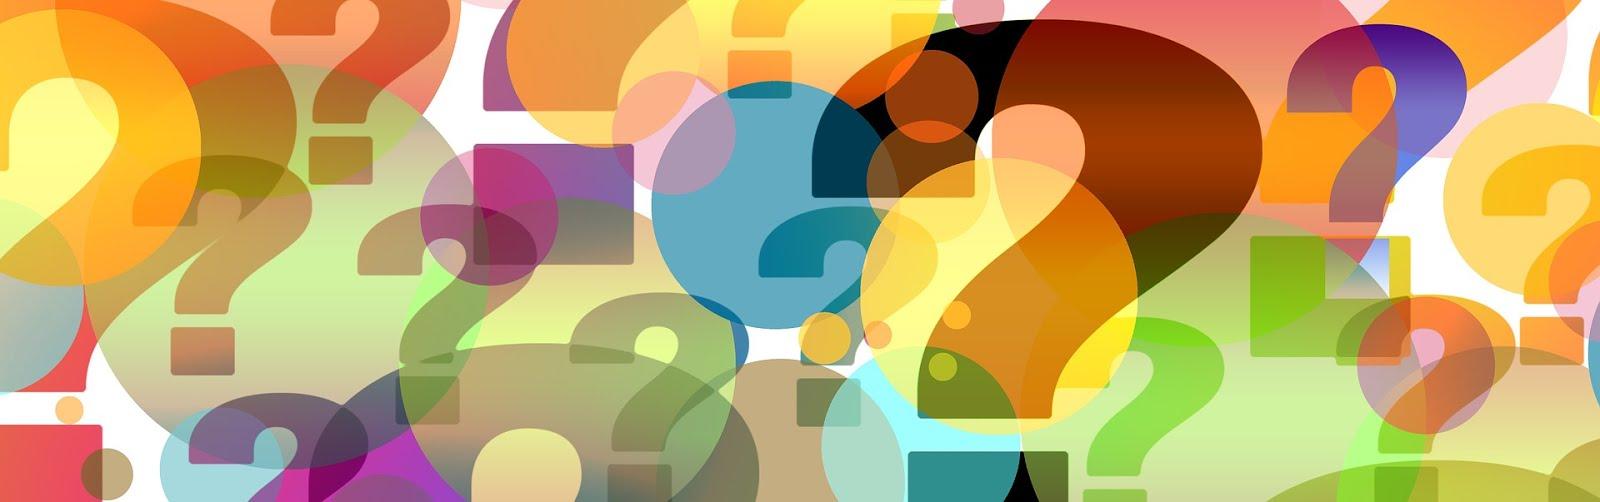 Faça aqui sua pergunta para a equipe do Dr. Risadinha